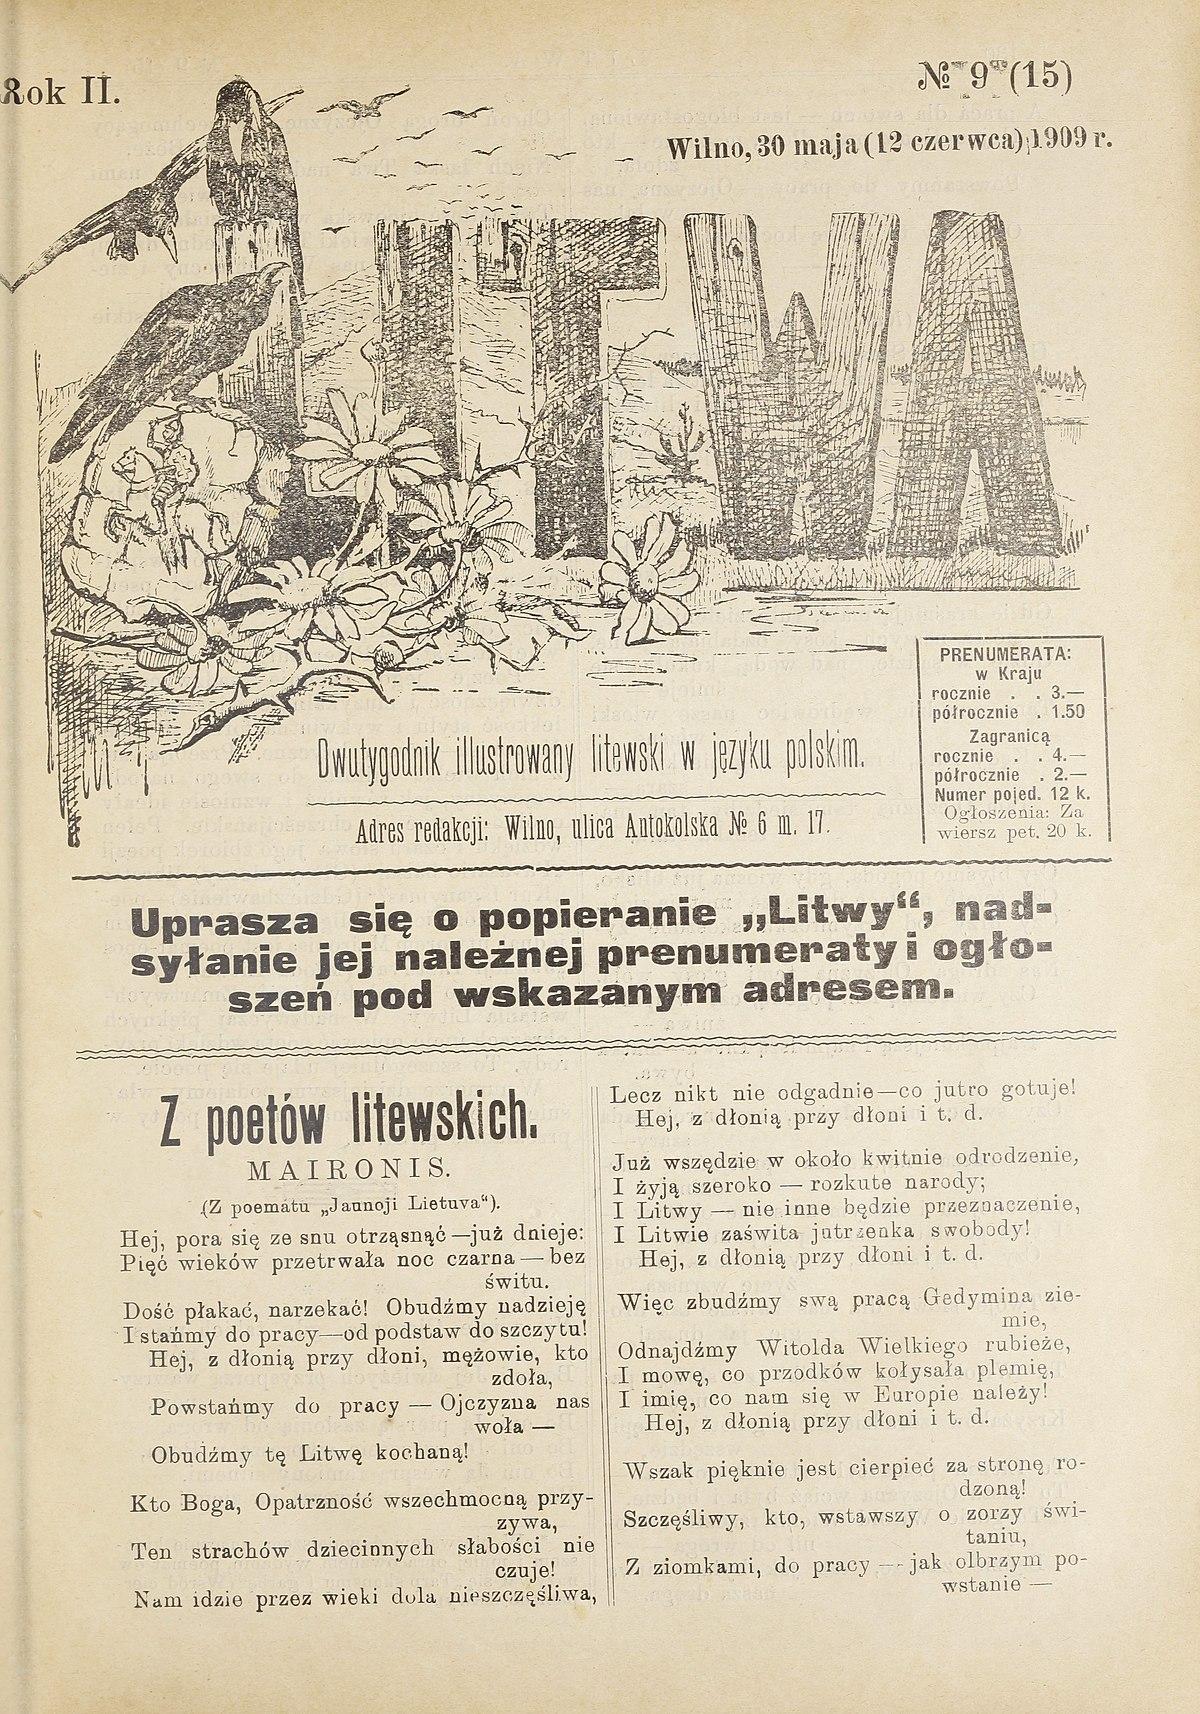 Filelitwa Miesięcznik Ilustrowany Litewski W Języku